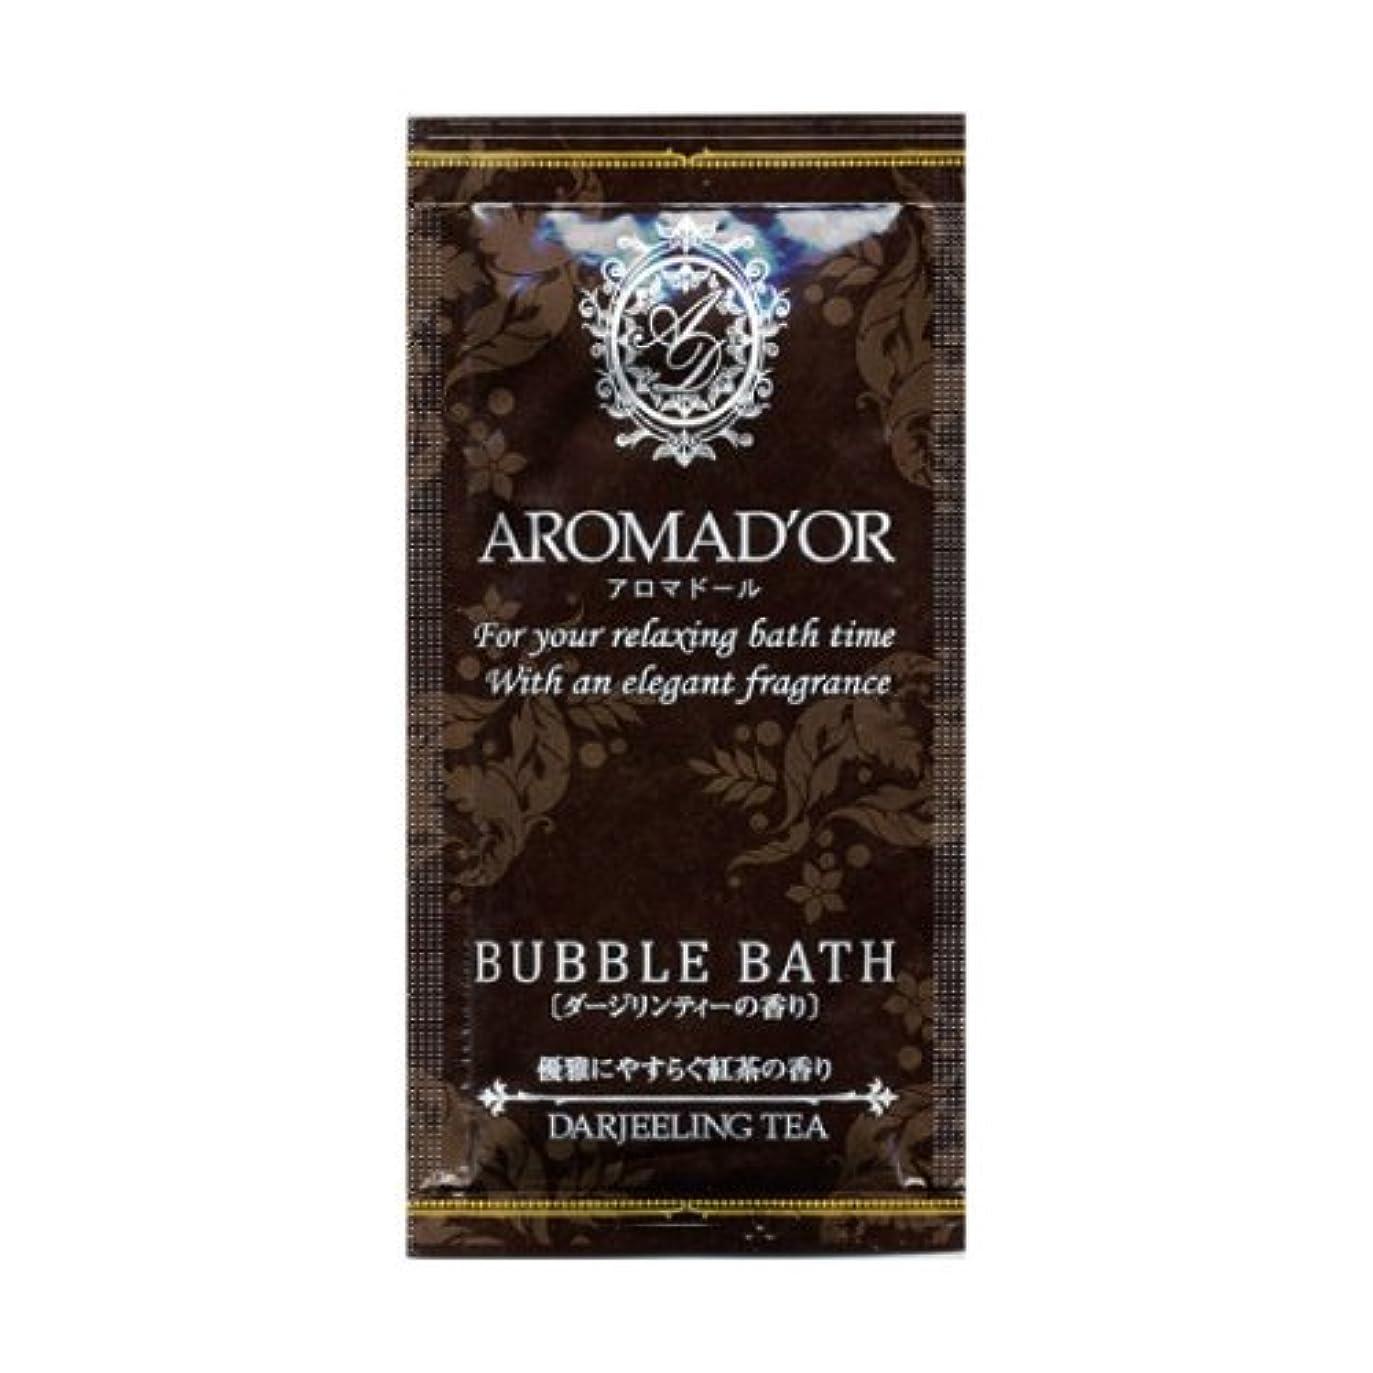 侵略病気のシャープアロマドール バブルバス ダージリンティーの香り 12包